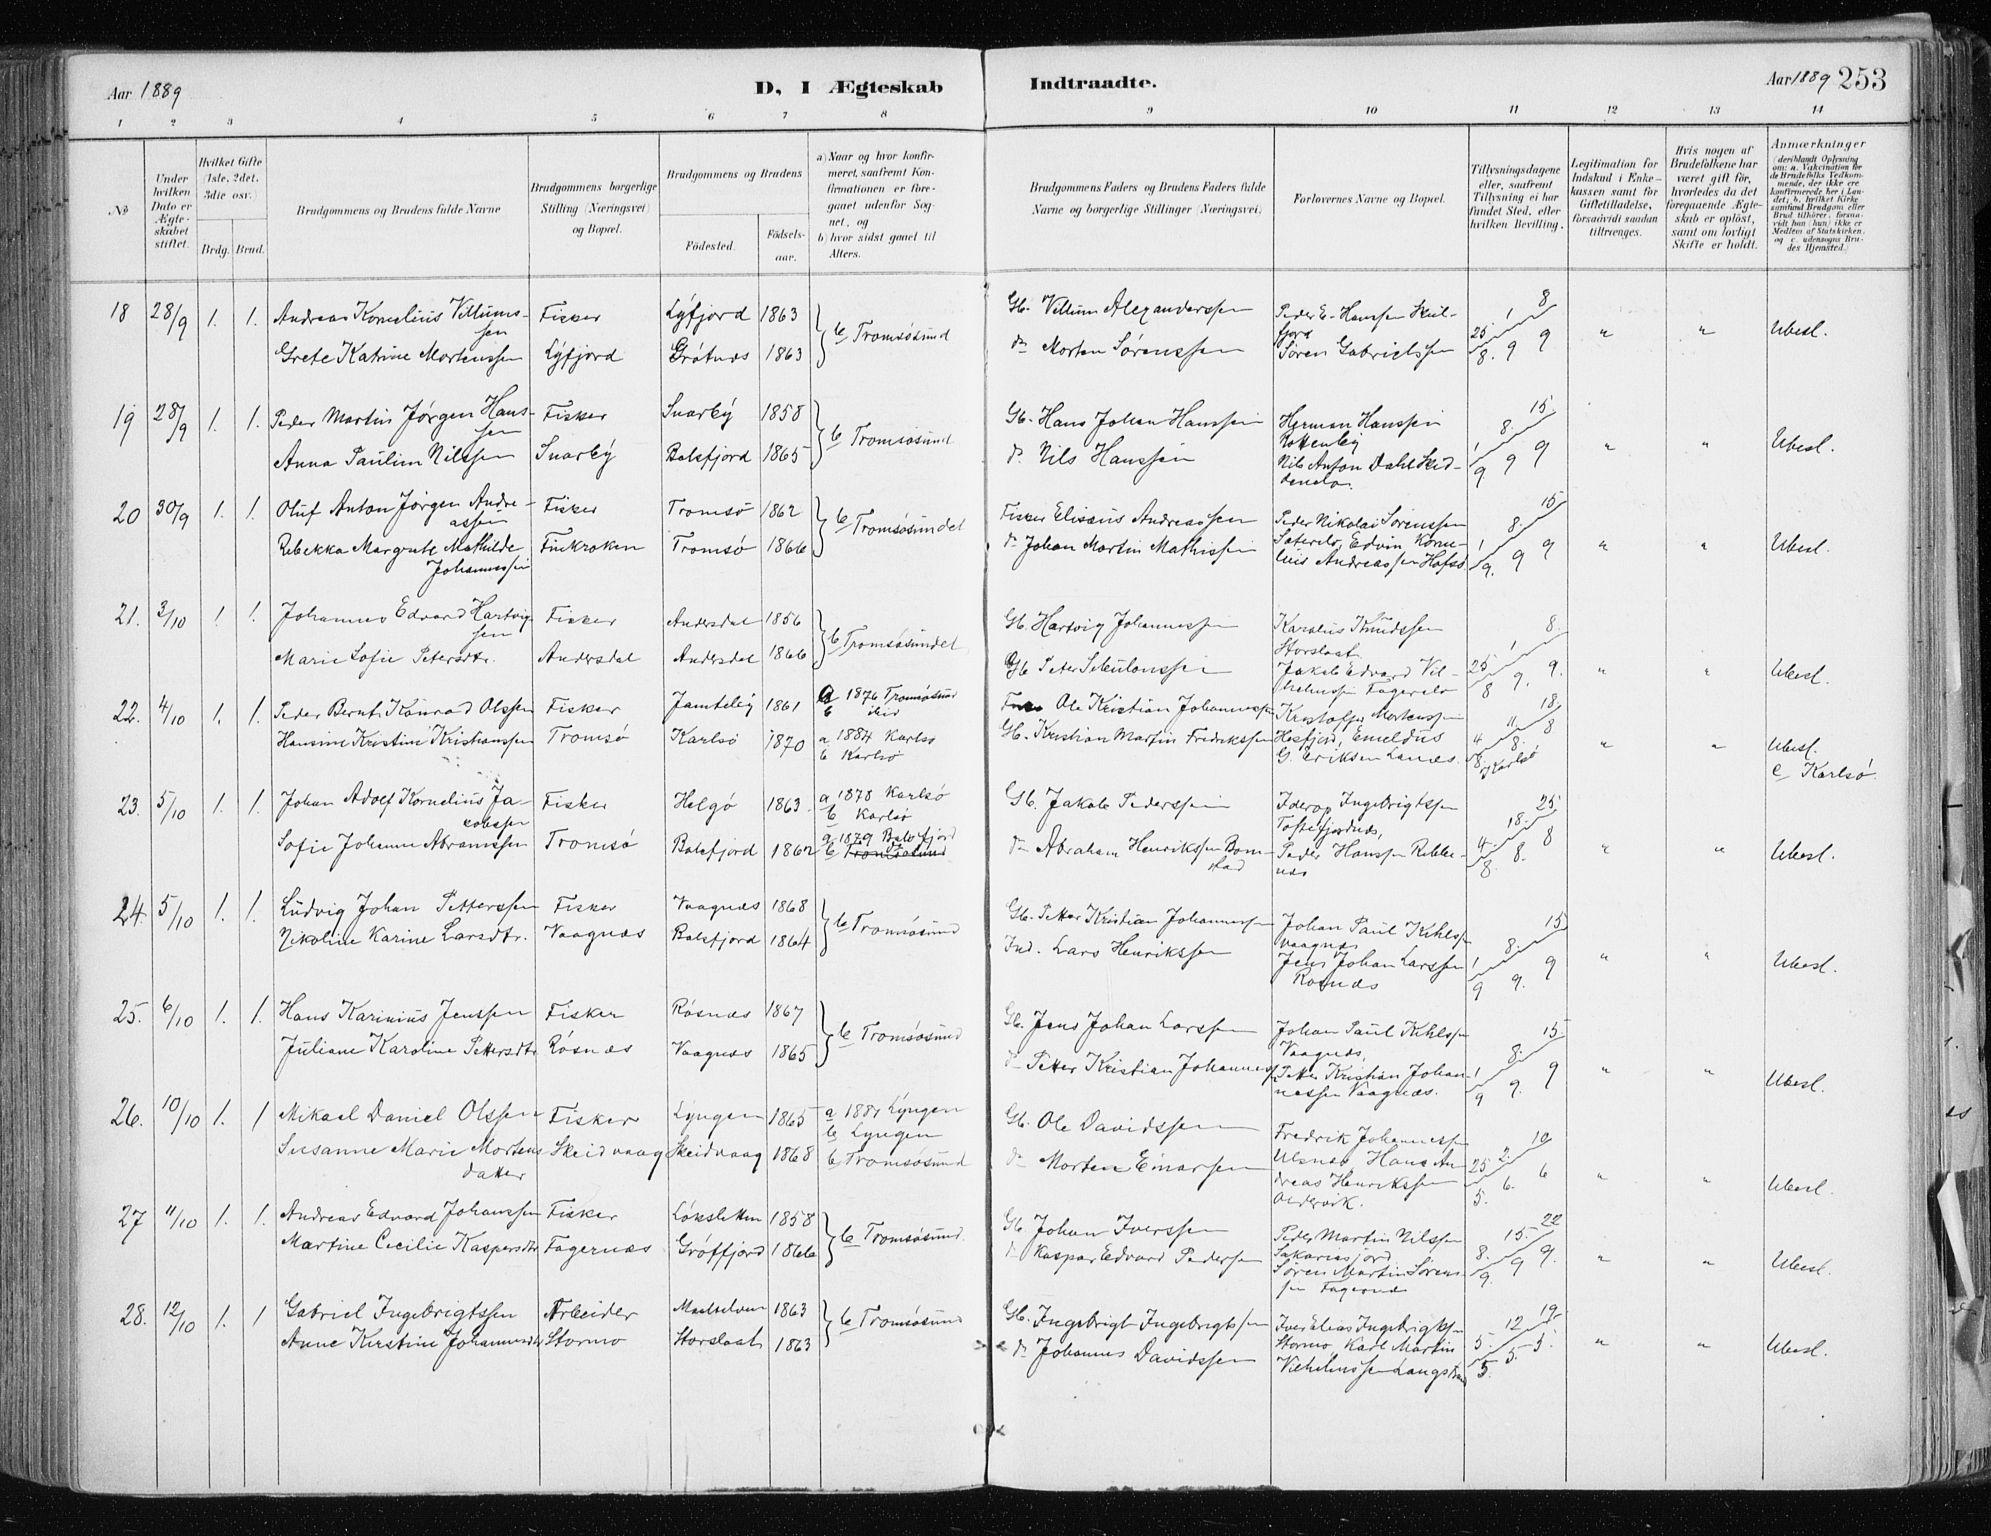 SATØ, Tromsøysund sokneprestkontor, G/Ga/L0005kirke: Ministerialbok nr. 5, 1888-1896, s. 253